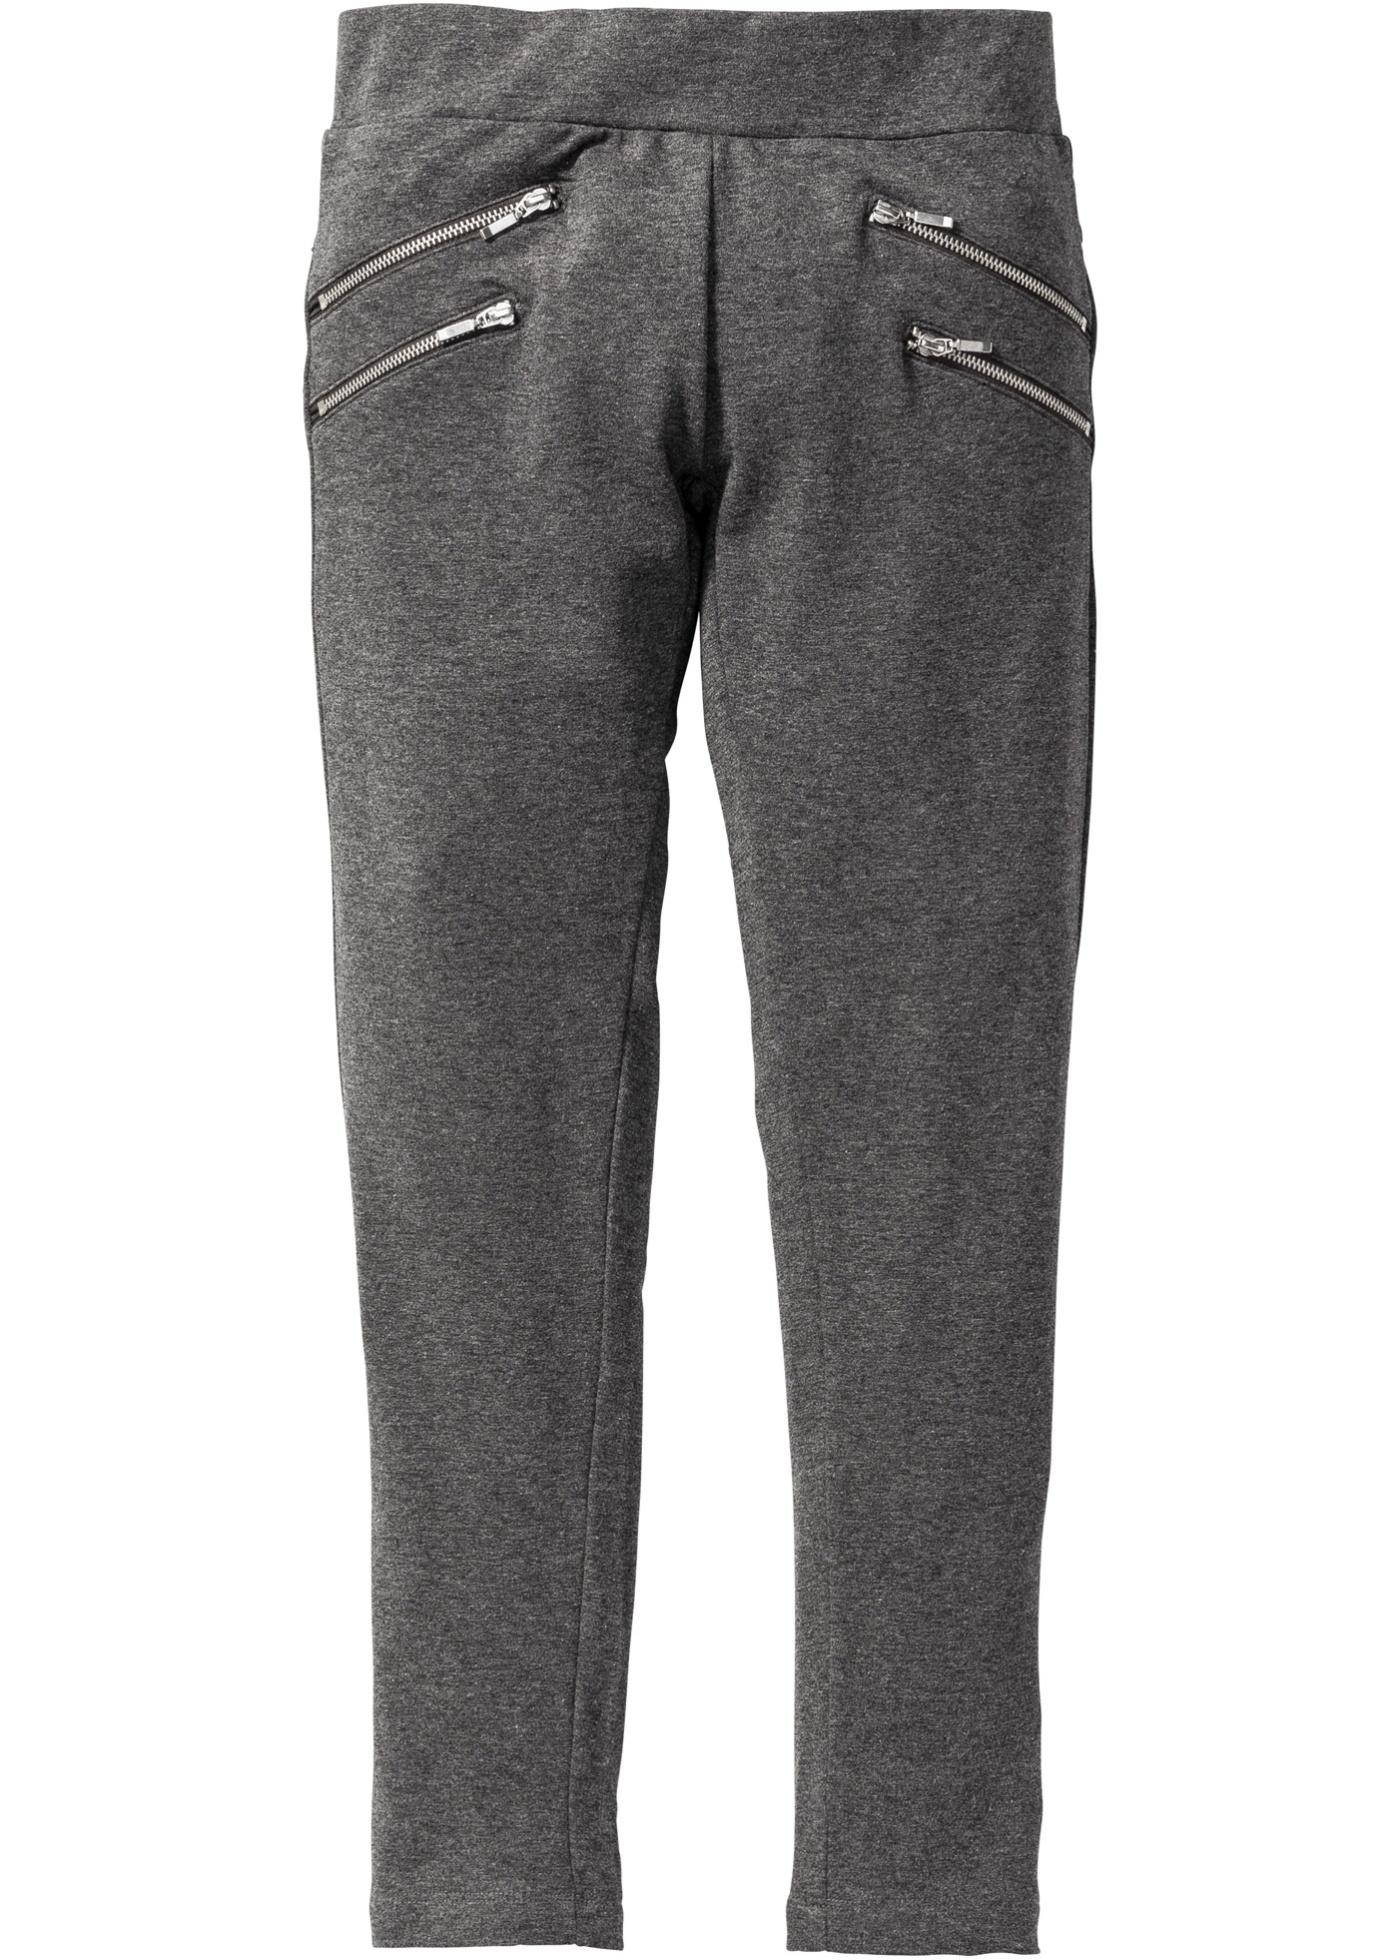 Pantalon extensible sweat